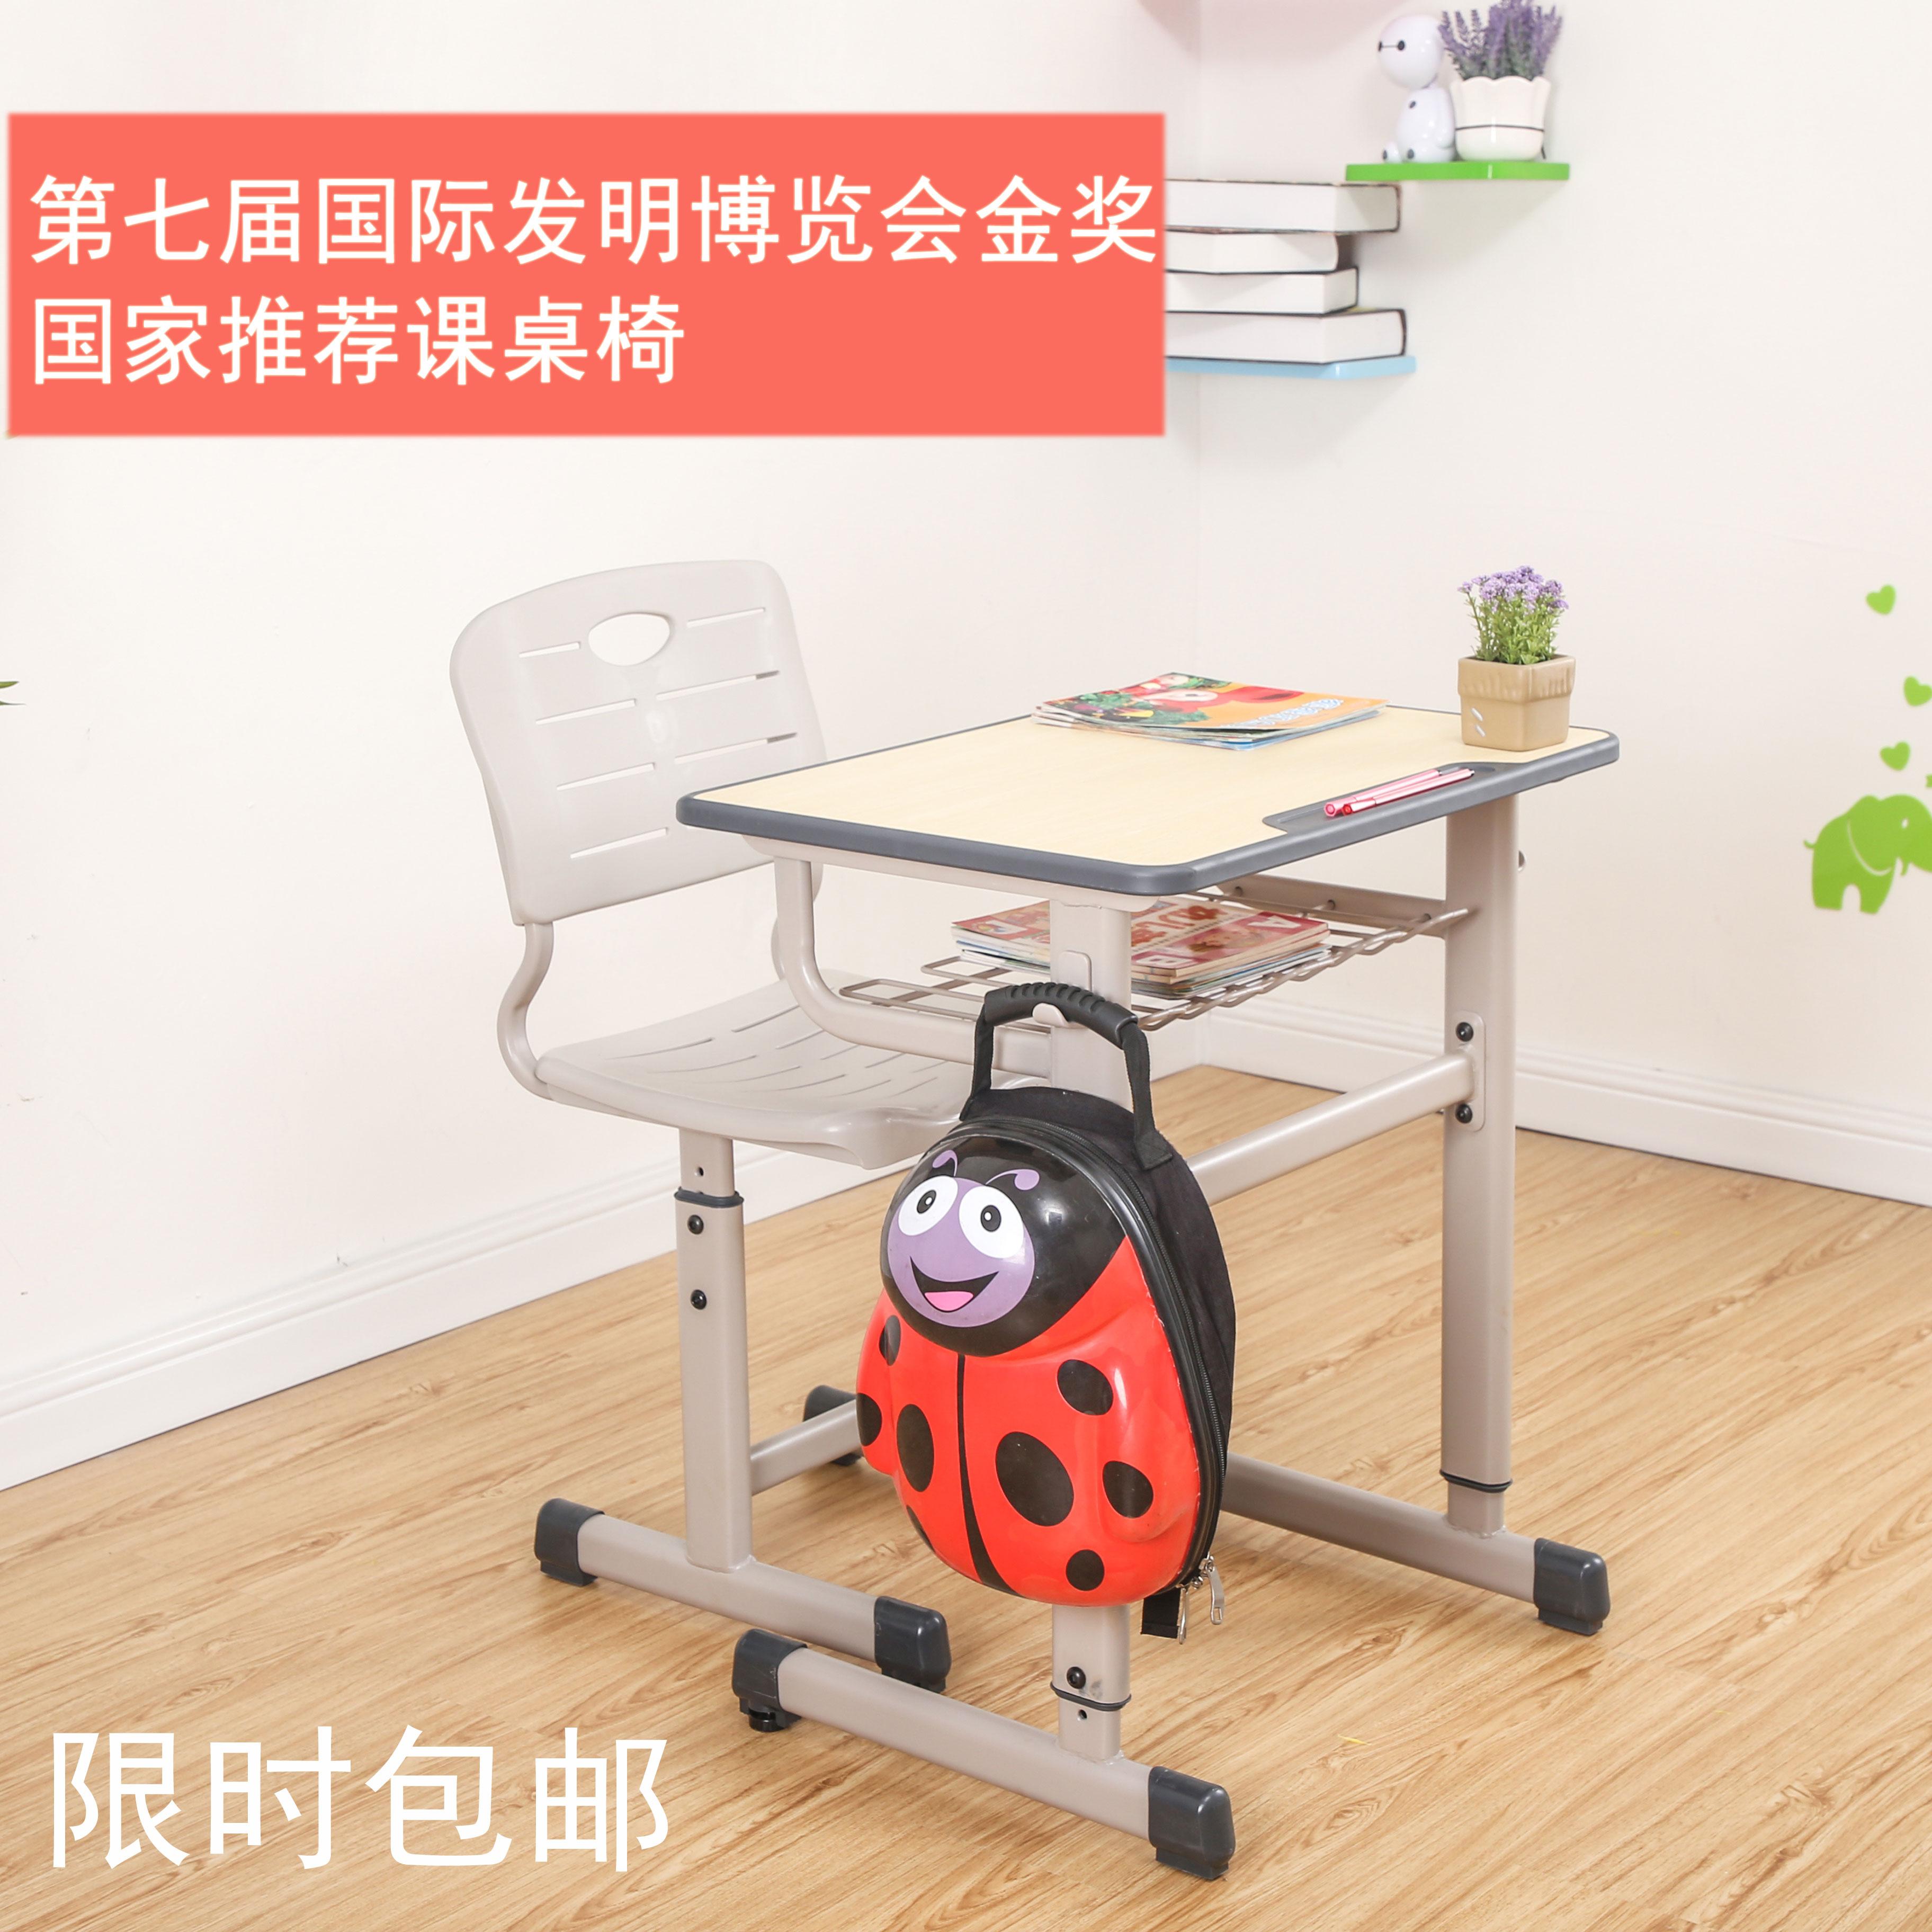 育才小学生课桌椅单人学校升降儿童学习桌家用培训辅导班书桌套装